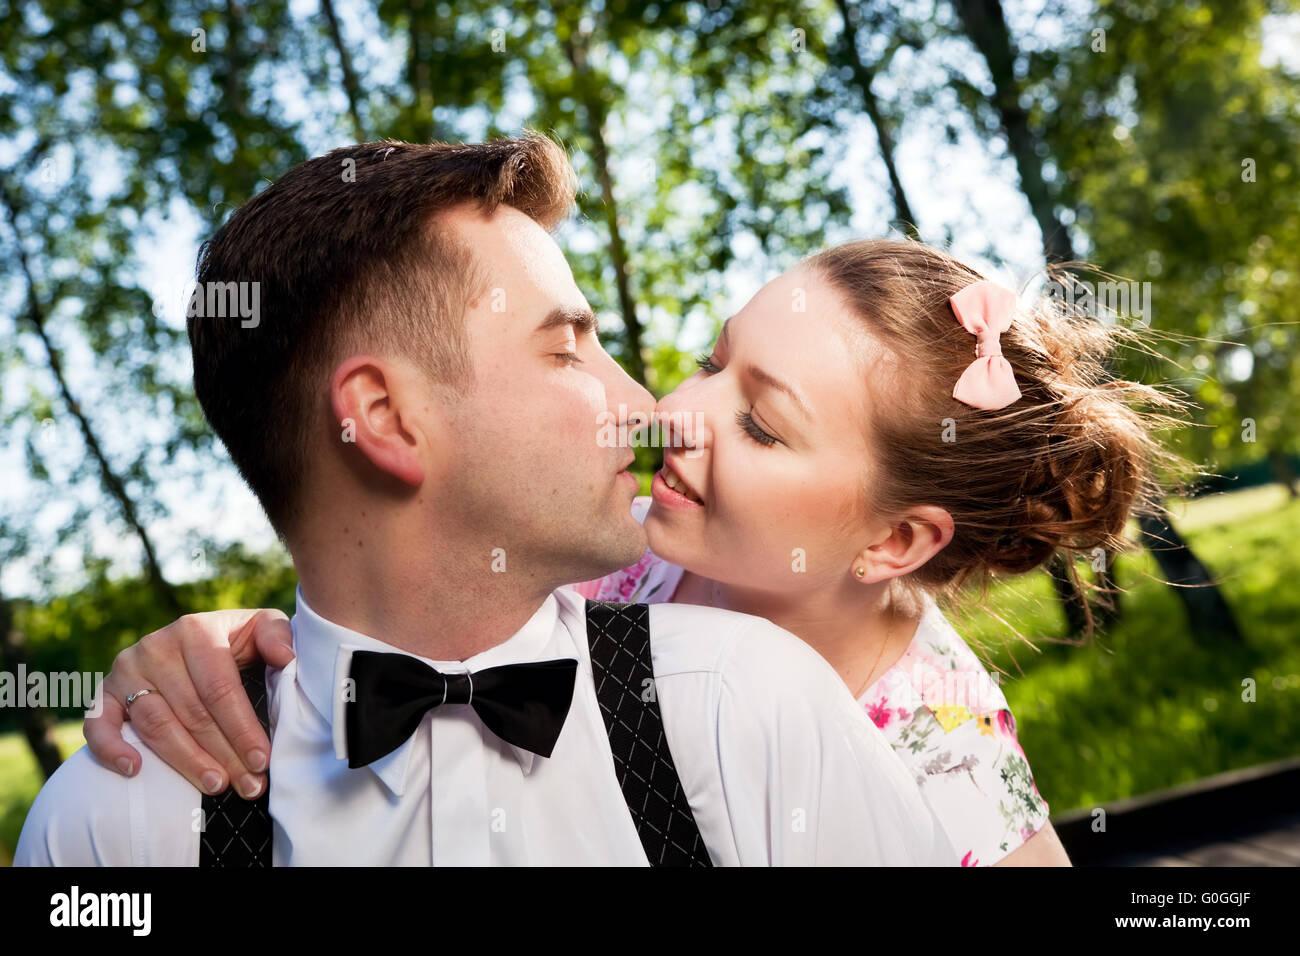 Giovane coppia romantica in amore flirt in estate park. Immagini Stock